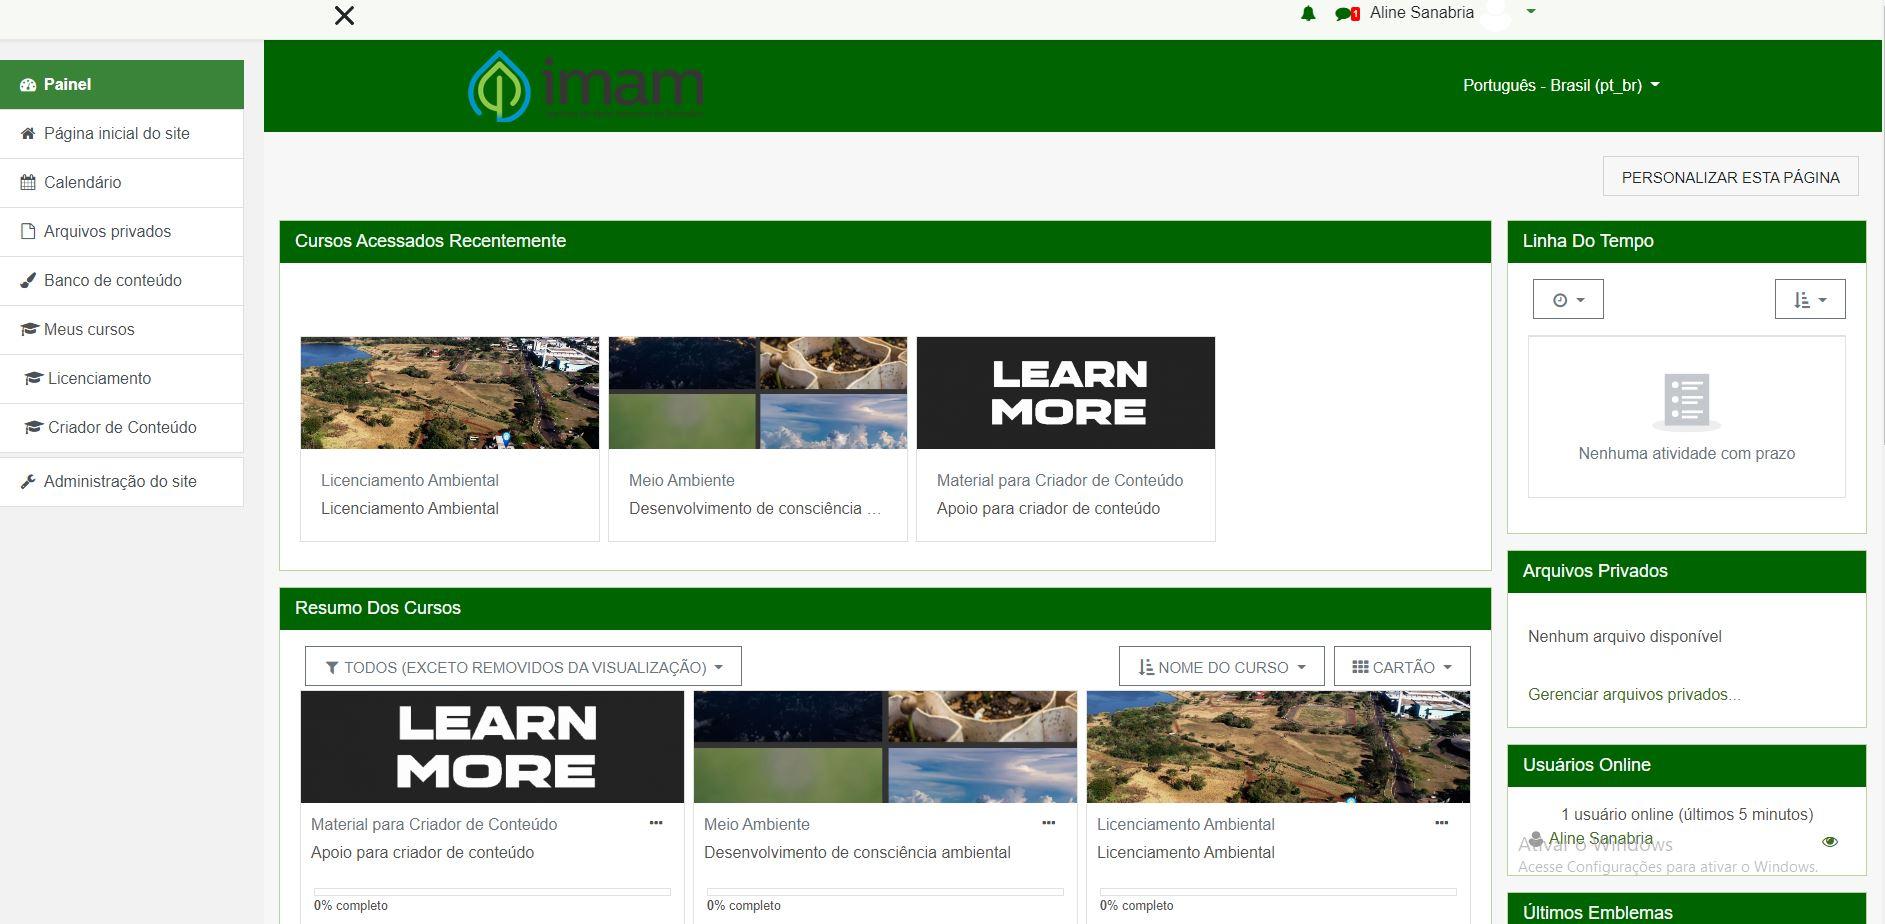 Imam de Dourados disponibiliza cursos online